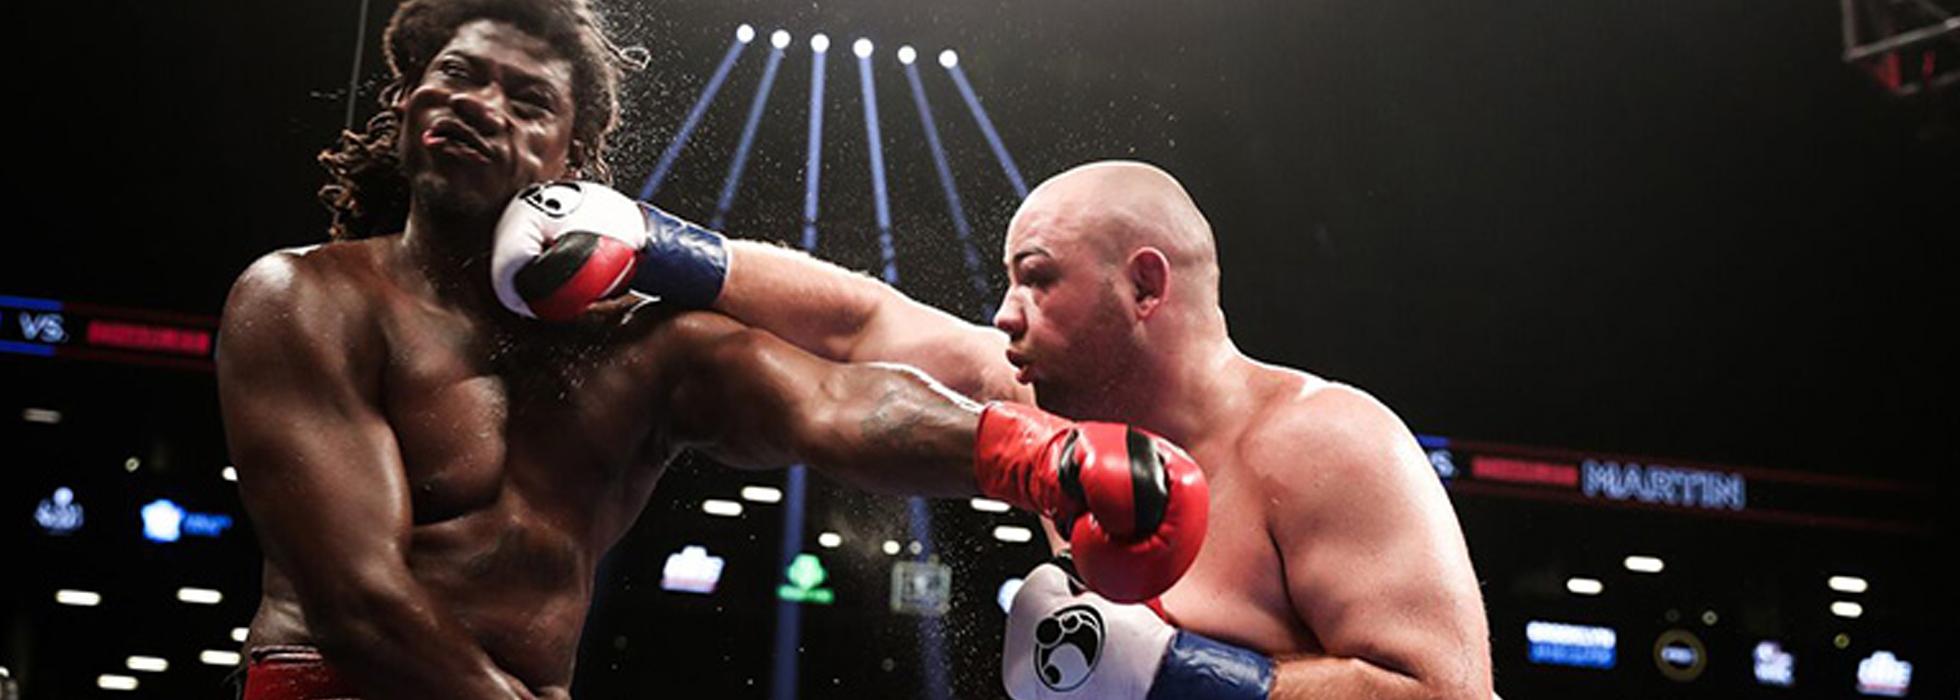 Boxing/MMA Fight Camp in Astoria NY, Boxing/MMA Fight Camp near Ditmars NY, Boxing/MMA Fight Camp near 30th Ave Queens, Boxing/MMA Fight Camp near Long Island City NY